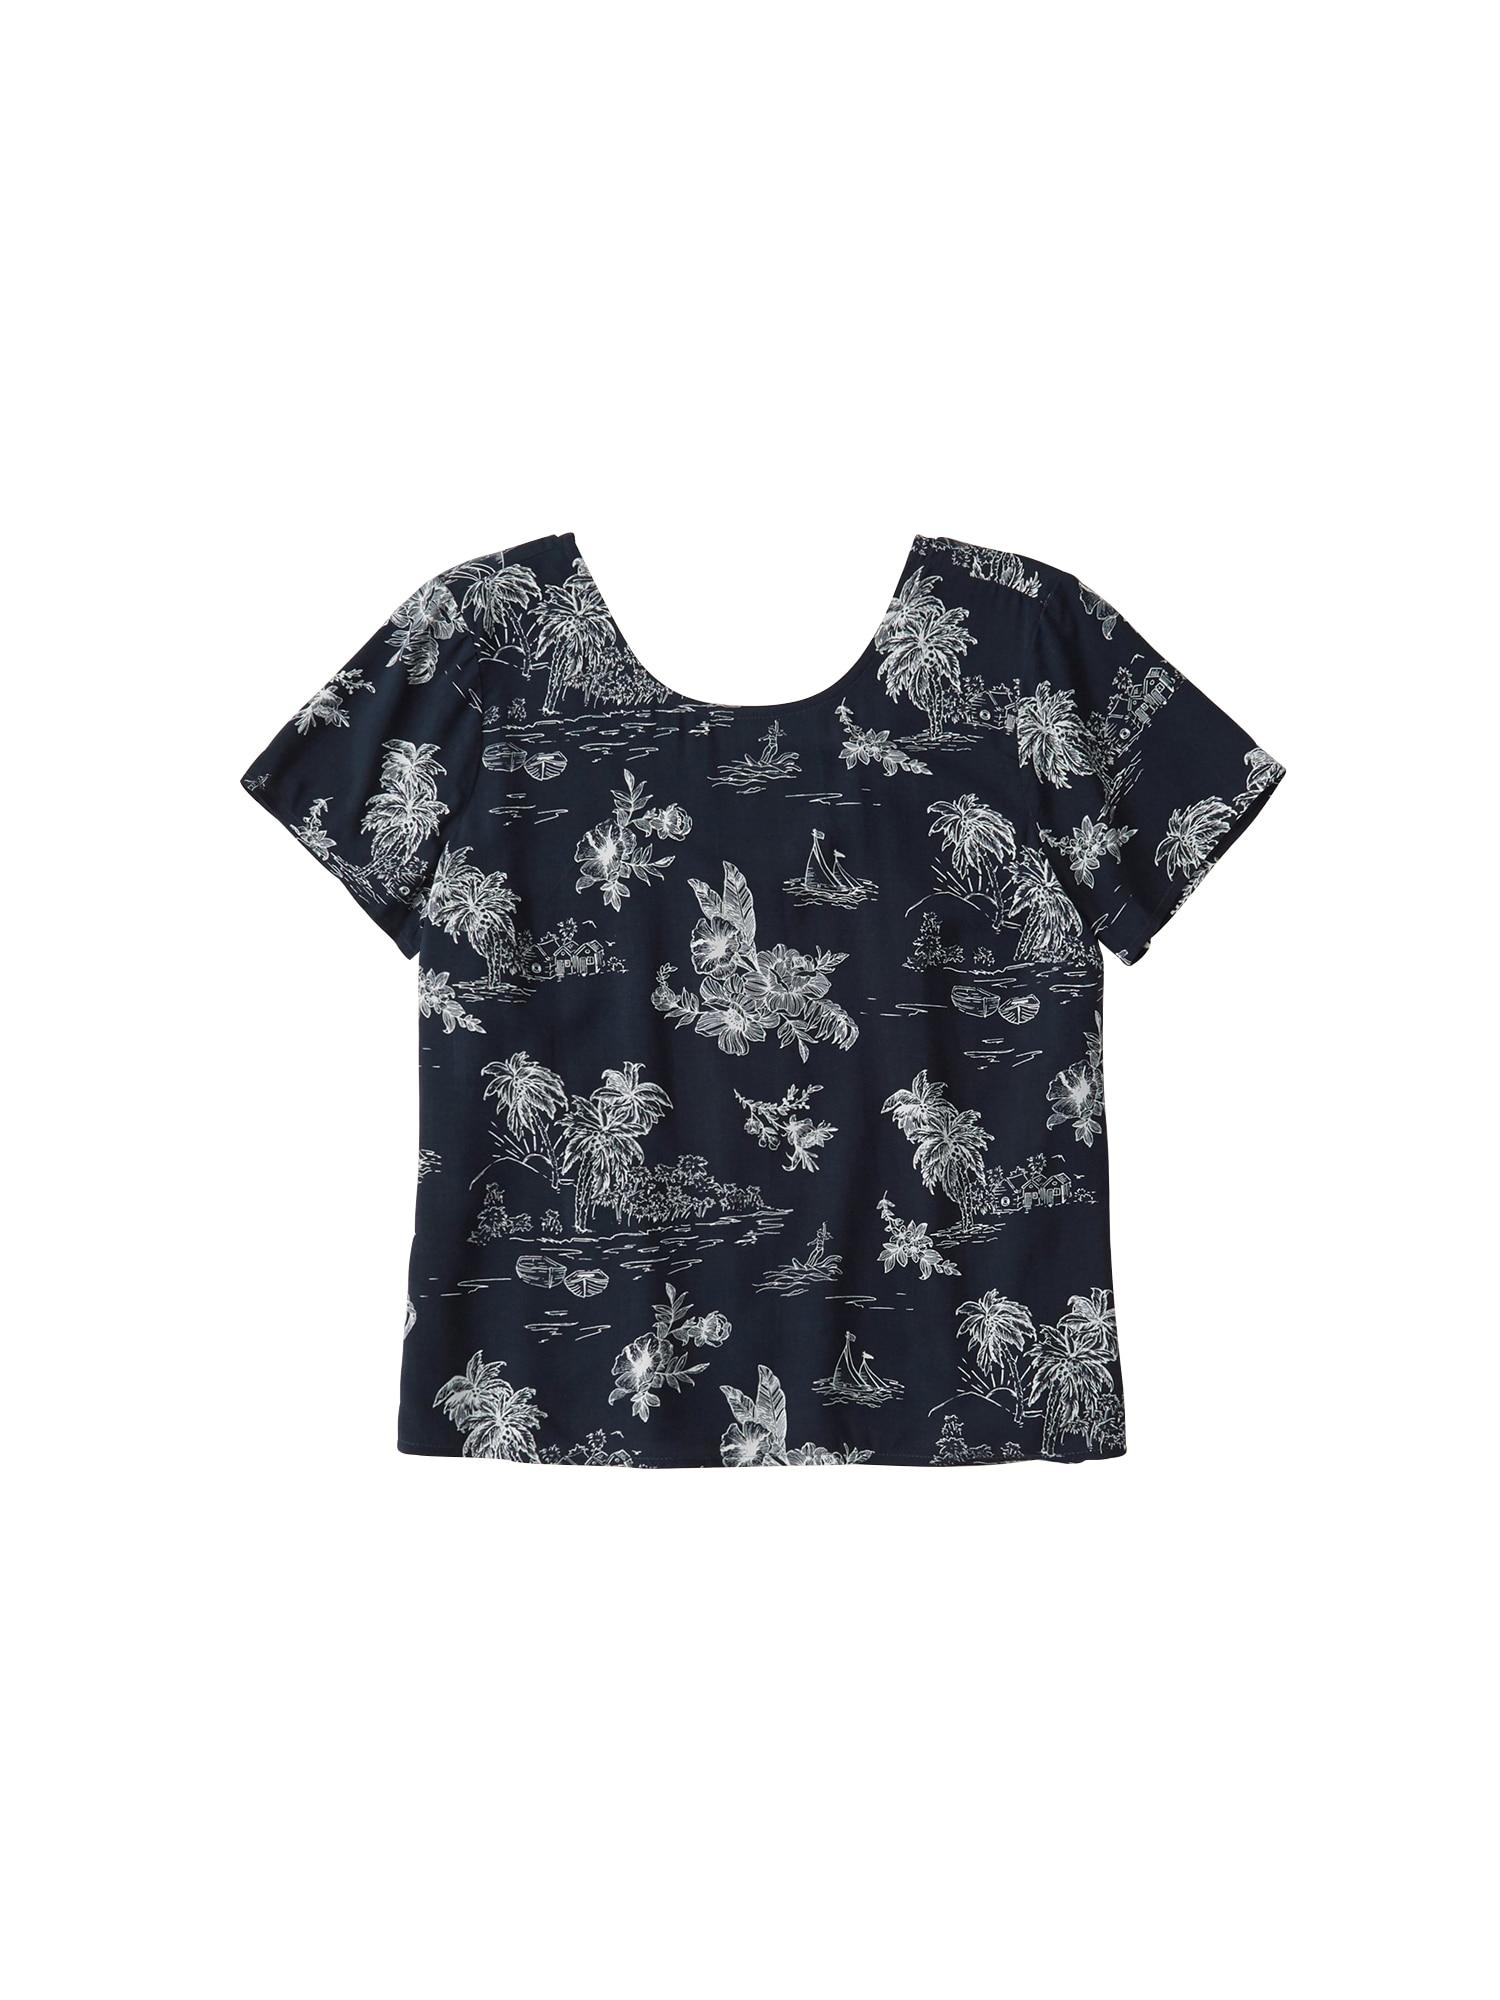 Abercrombie & Fitch Marškinėliai mėlyna